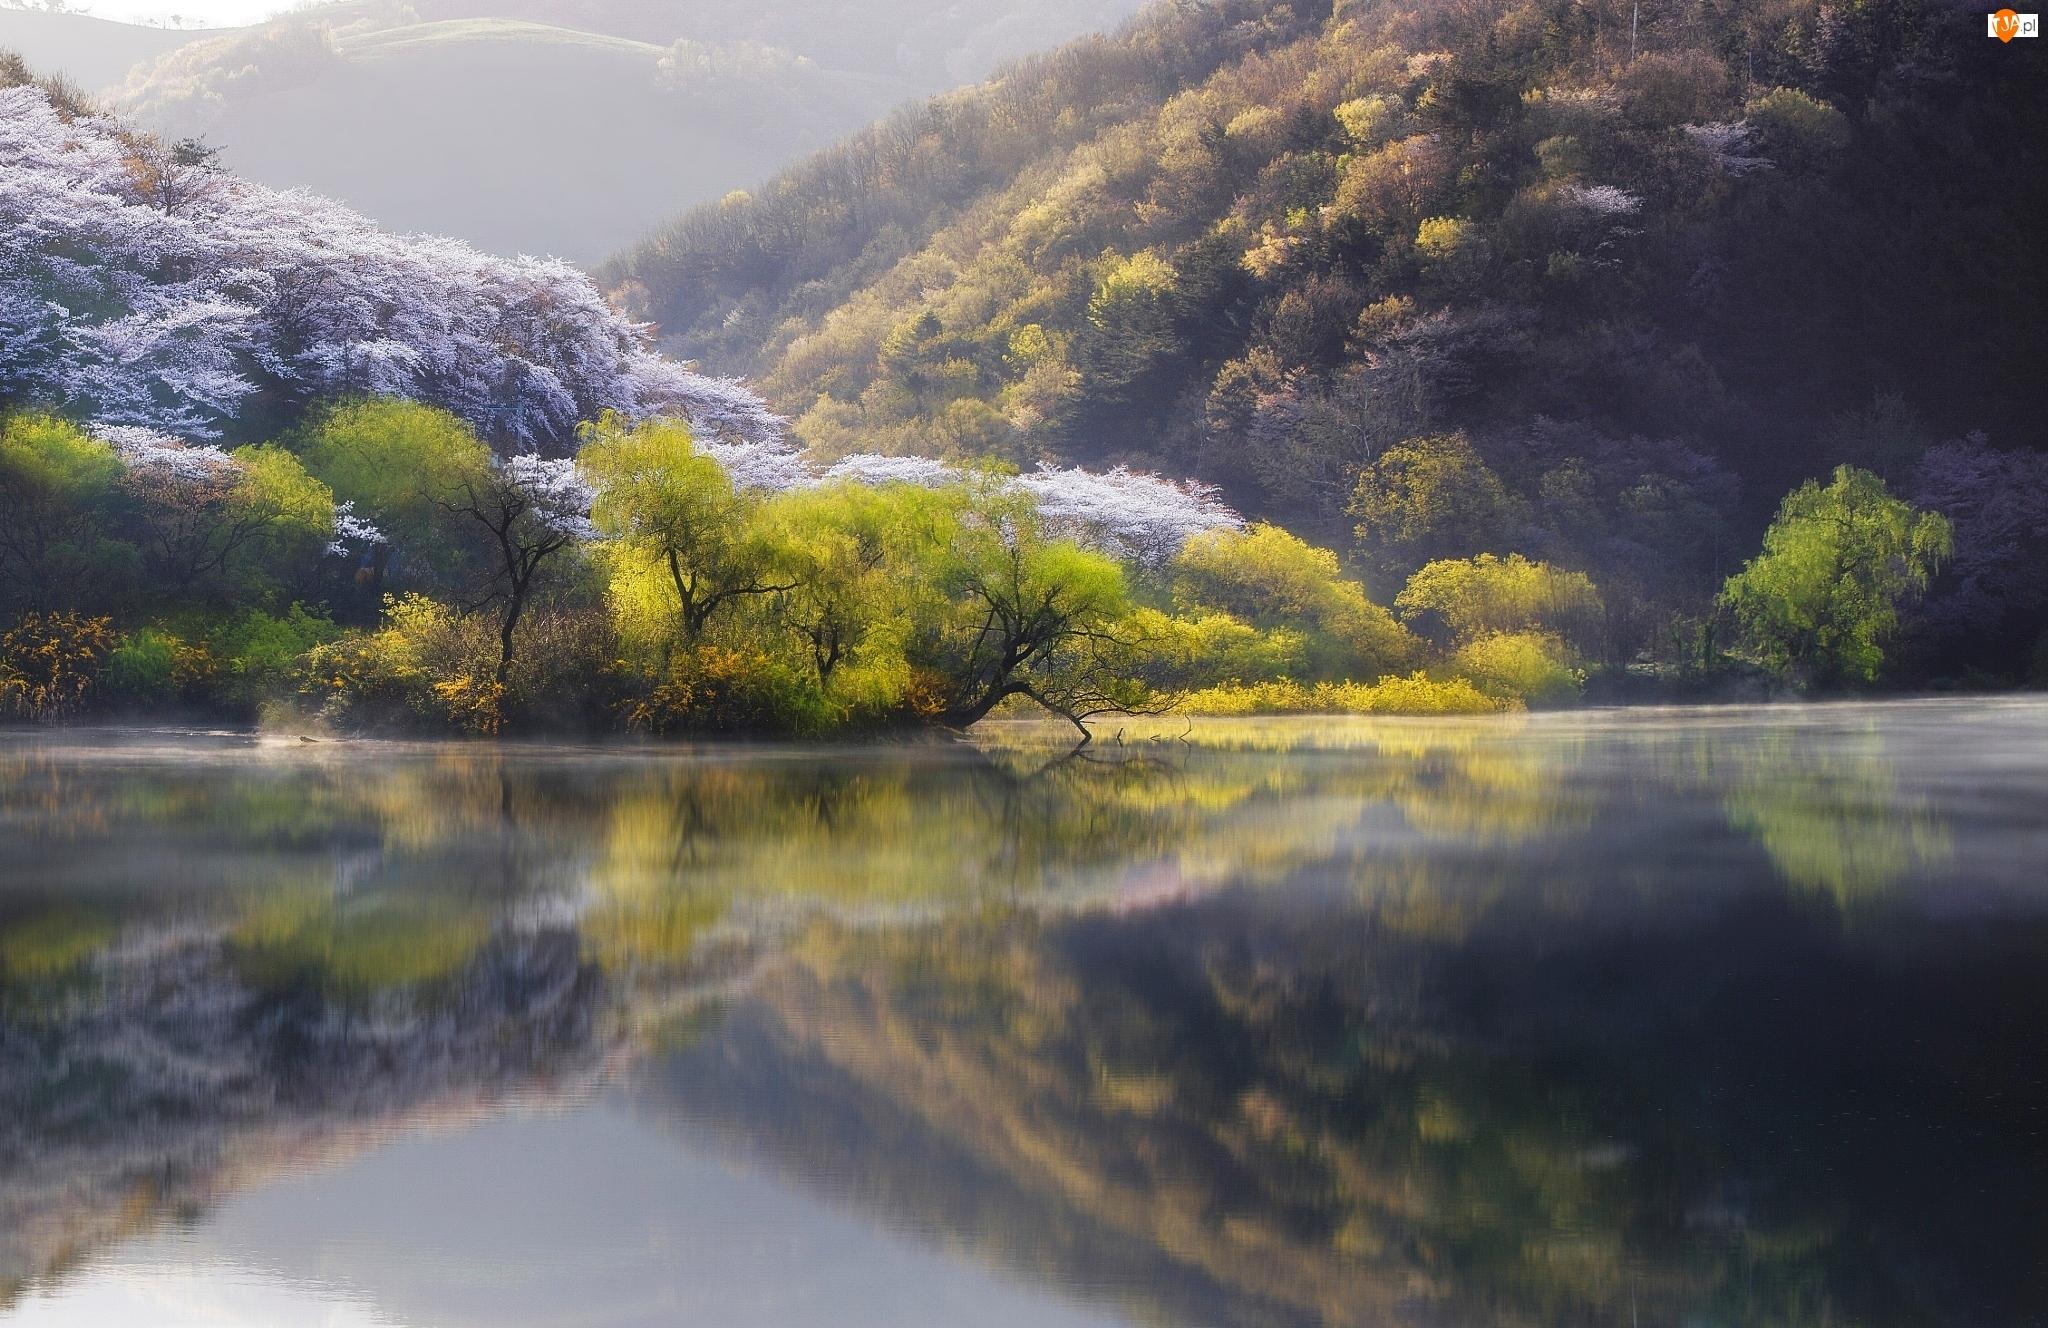 Wiosna, Drzewa, Jezioro, Las